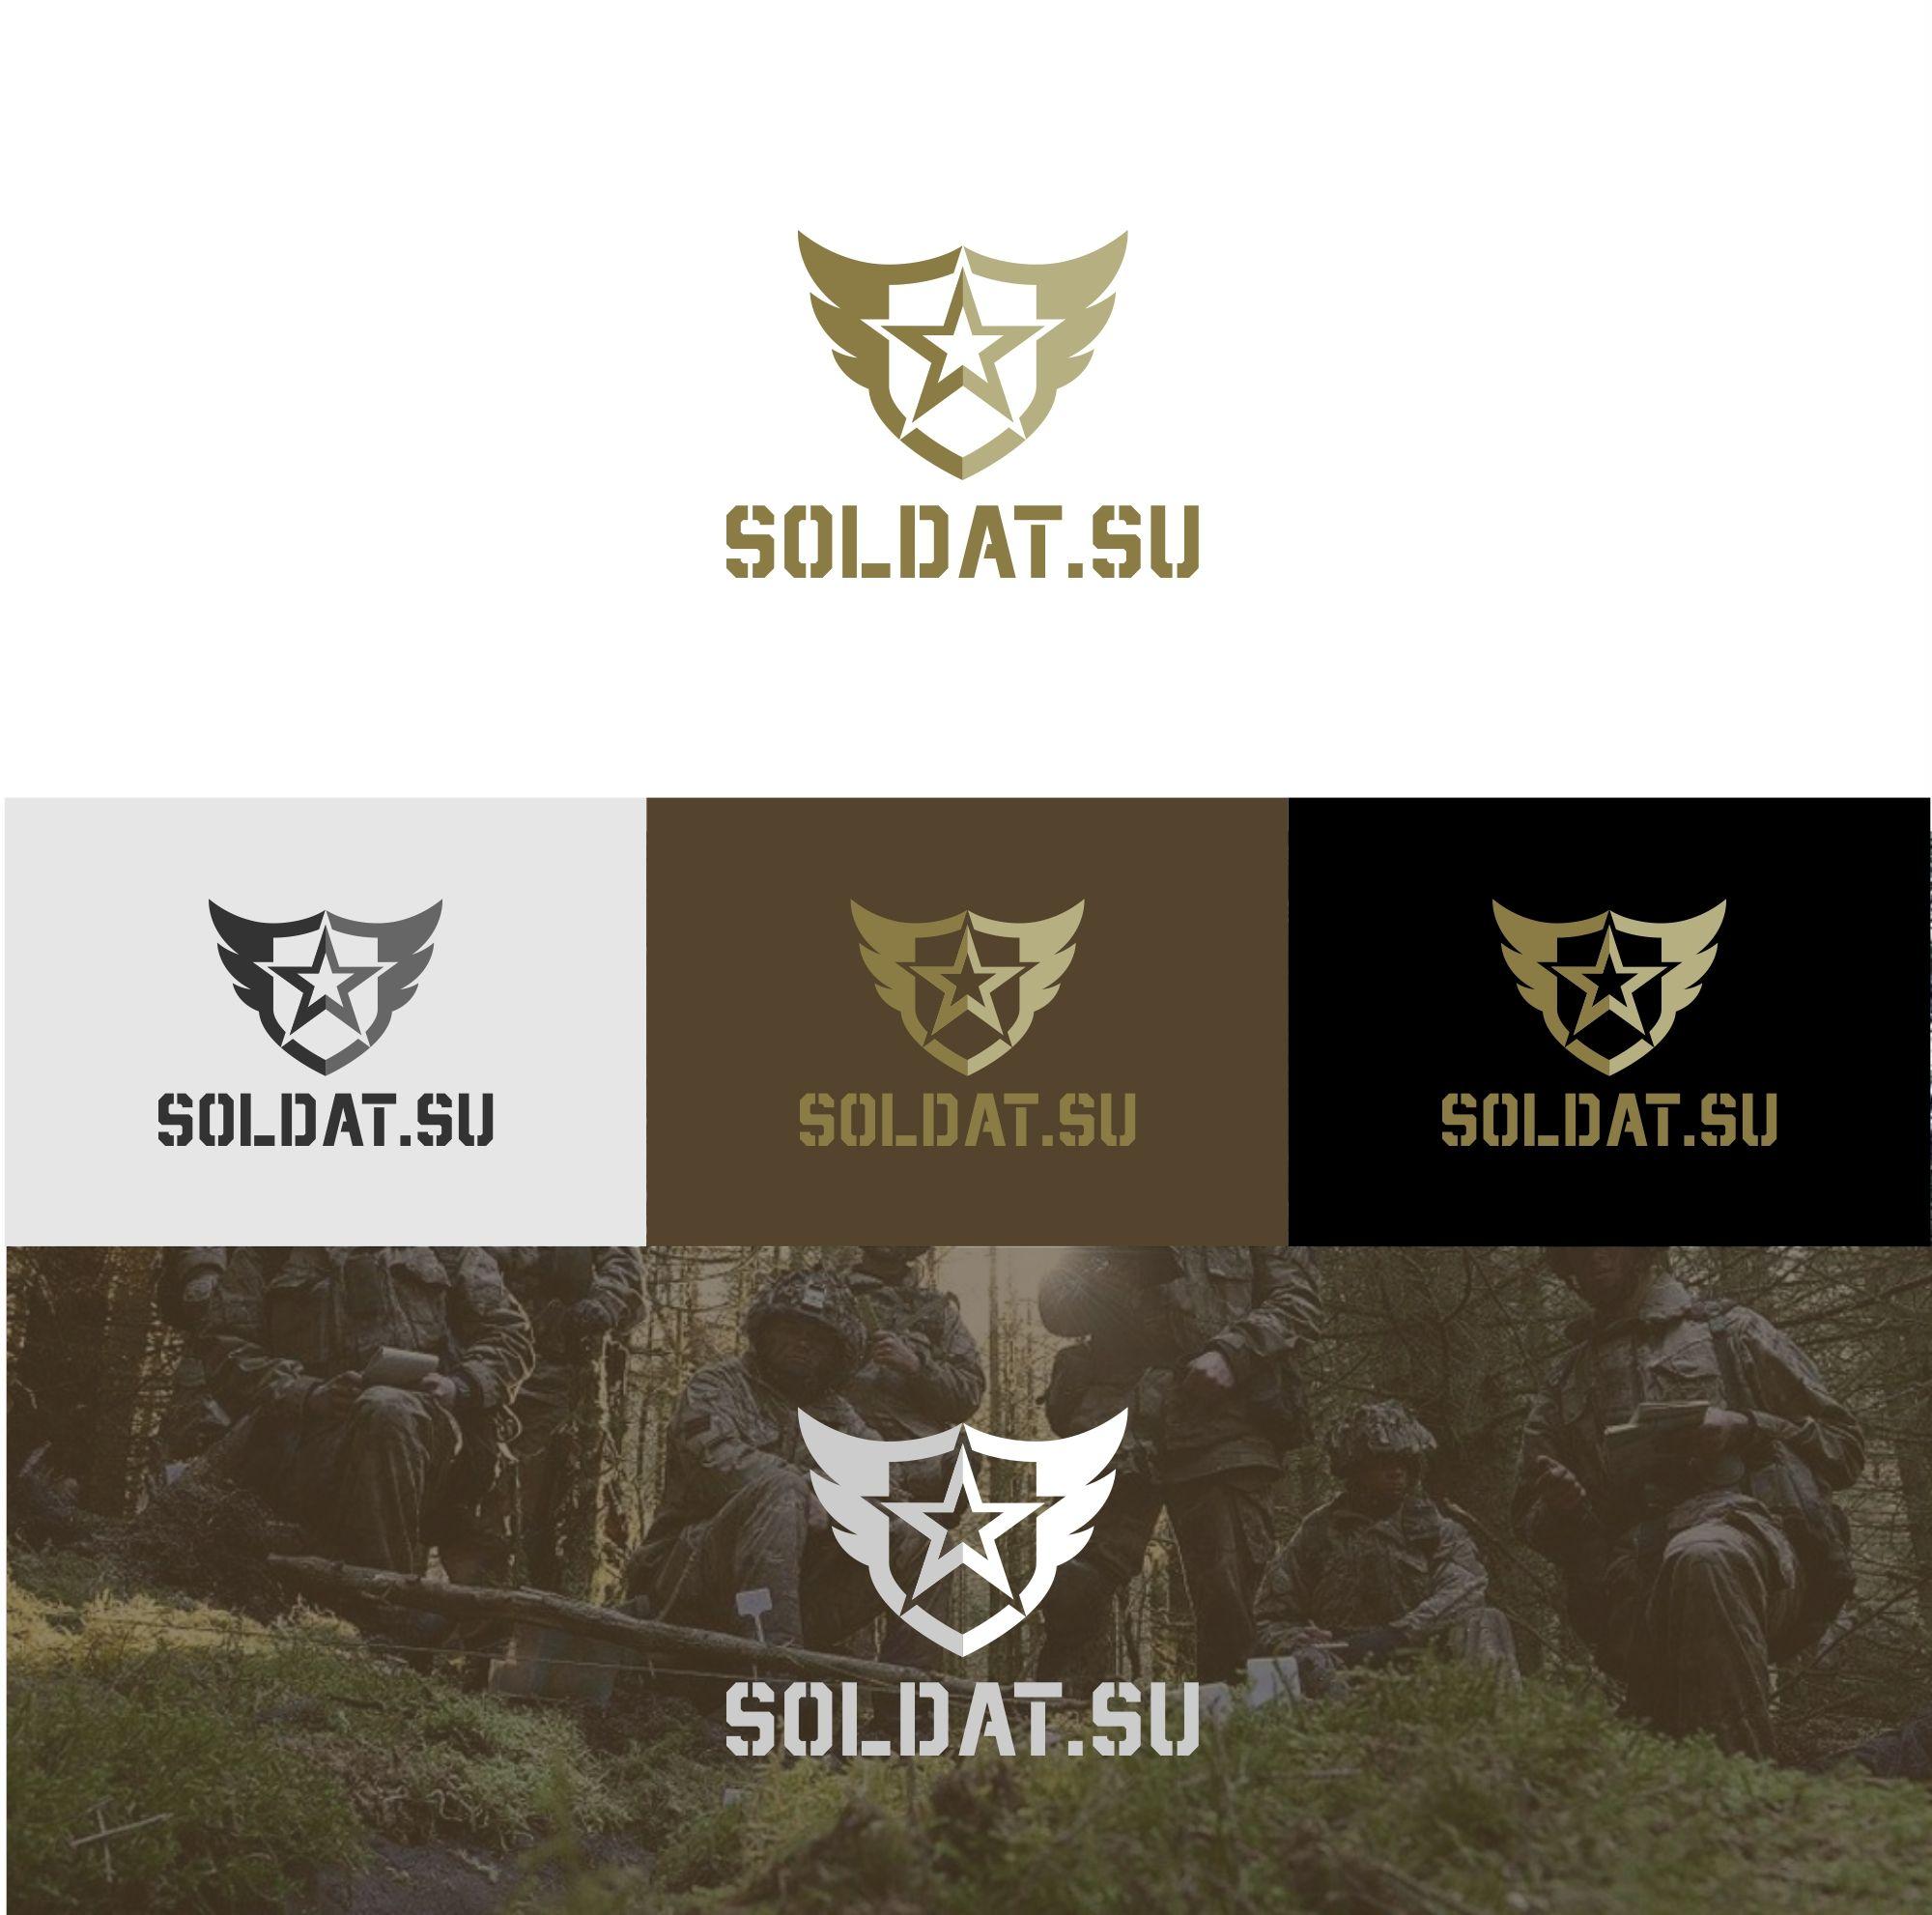 Лого и фирменный стиль для SOLDAT.SU - дизайнер serz4868